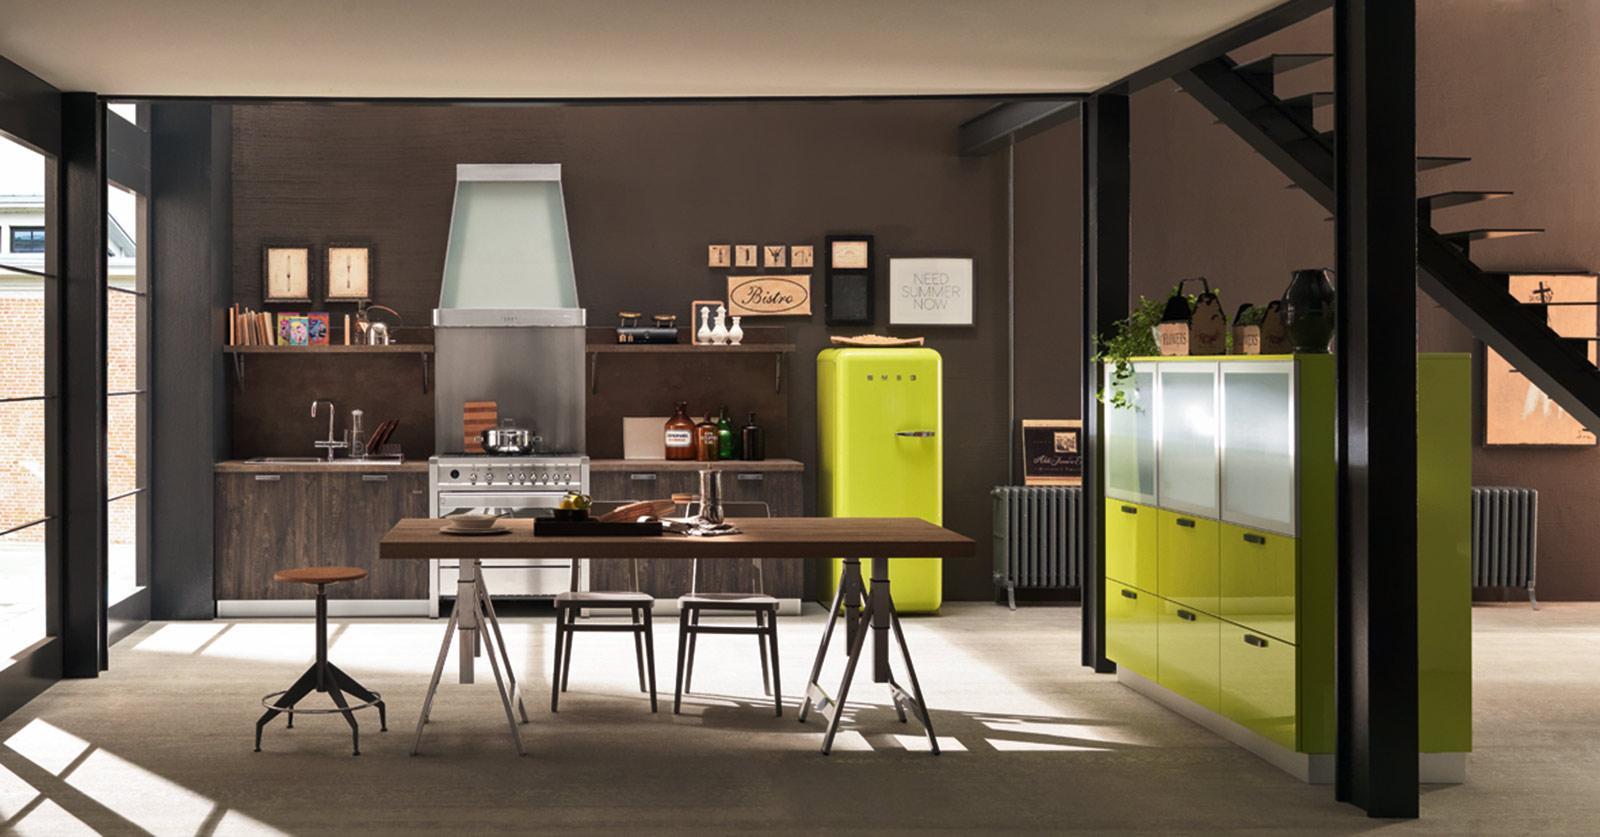 Cucine Moderne Febal.Cronache Di Cucine 5 Amazing Industrial Kitchens